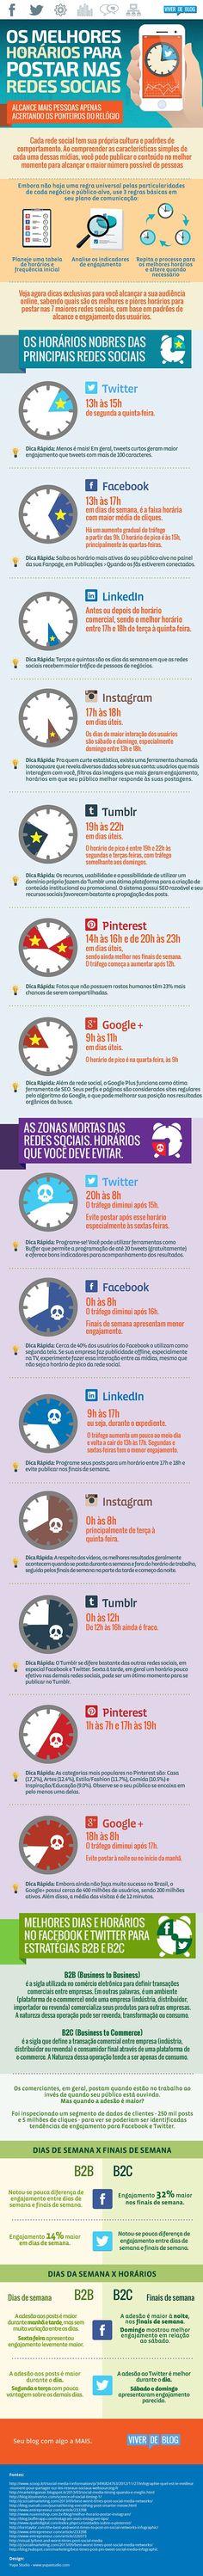 Quais são os Melhores Horários para Postar nas Redes Sociais